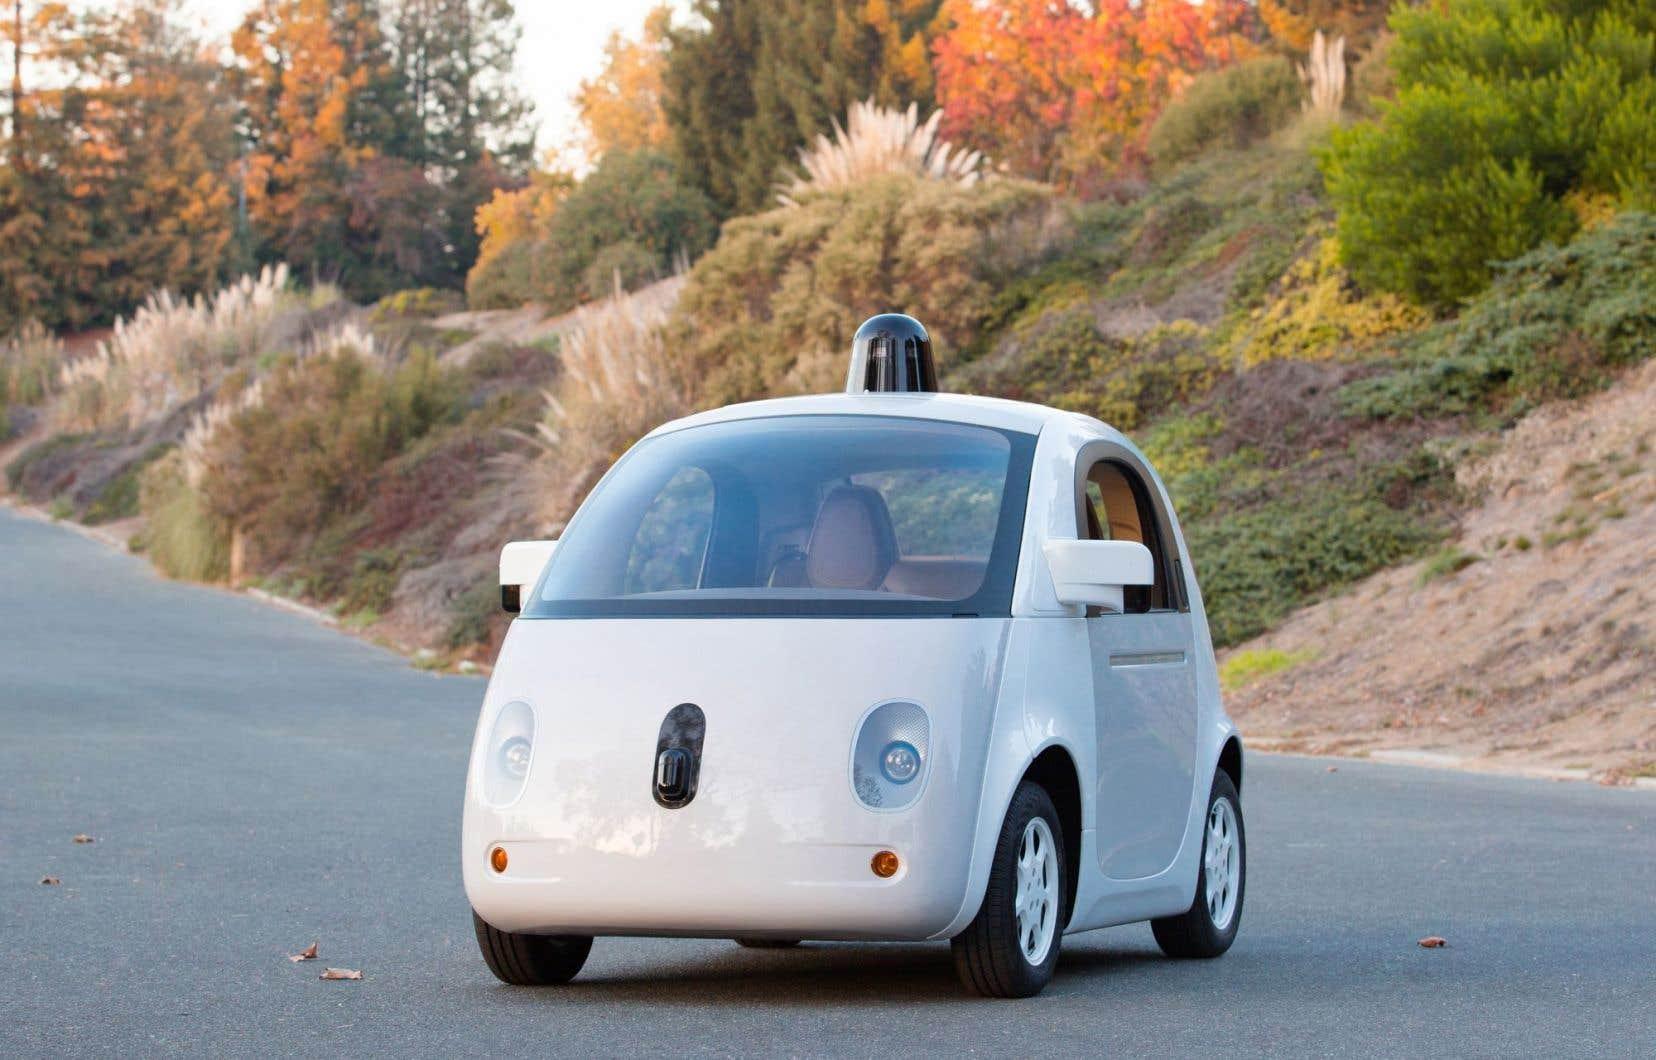 La voiture prototype de Google a déjà parcouru de façon autonome plus d'un million de kilomètres.